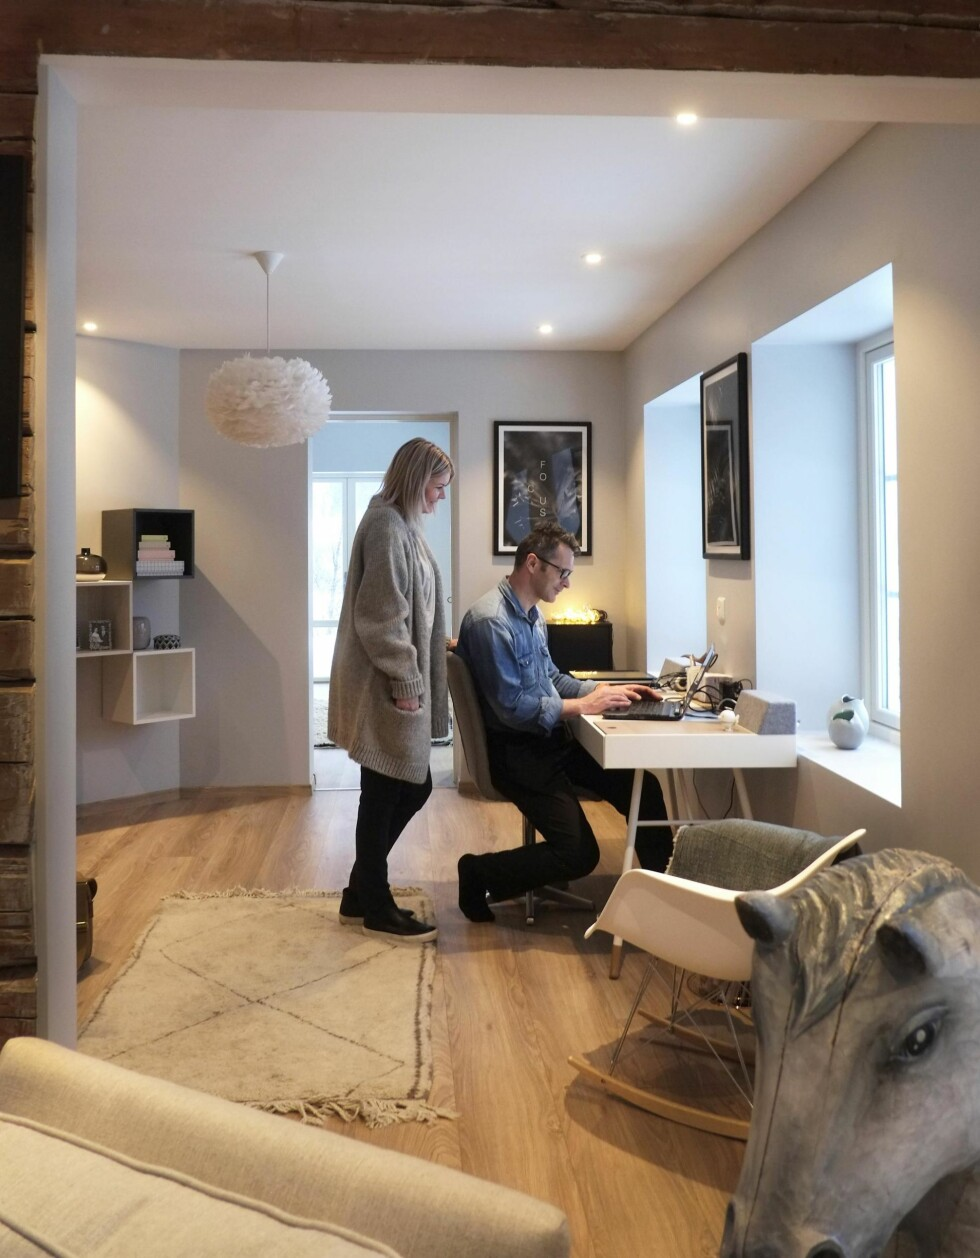 LUFTIG KONTOR: Det er kjekt å ha en liten kontorkrok sentralt i huset der hele familien kan sitte og jobbe. Kontoret ligger mellom stua og biblioteket, som skimtes innerst. Foto: Hege Landrø Johnsen